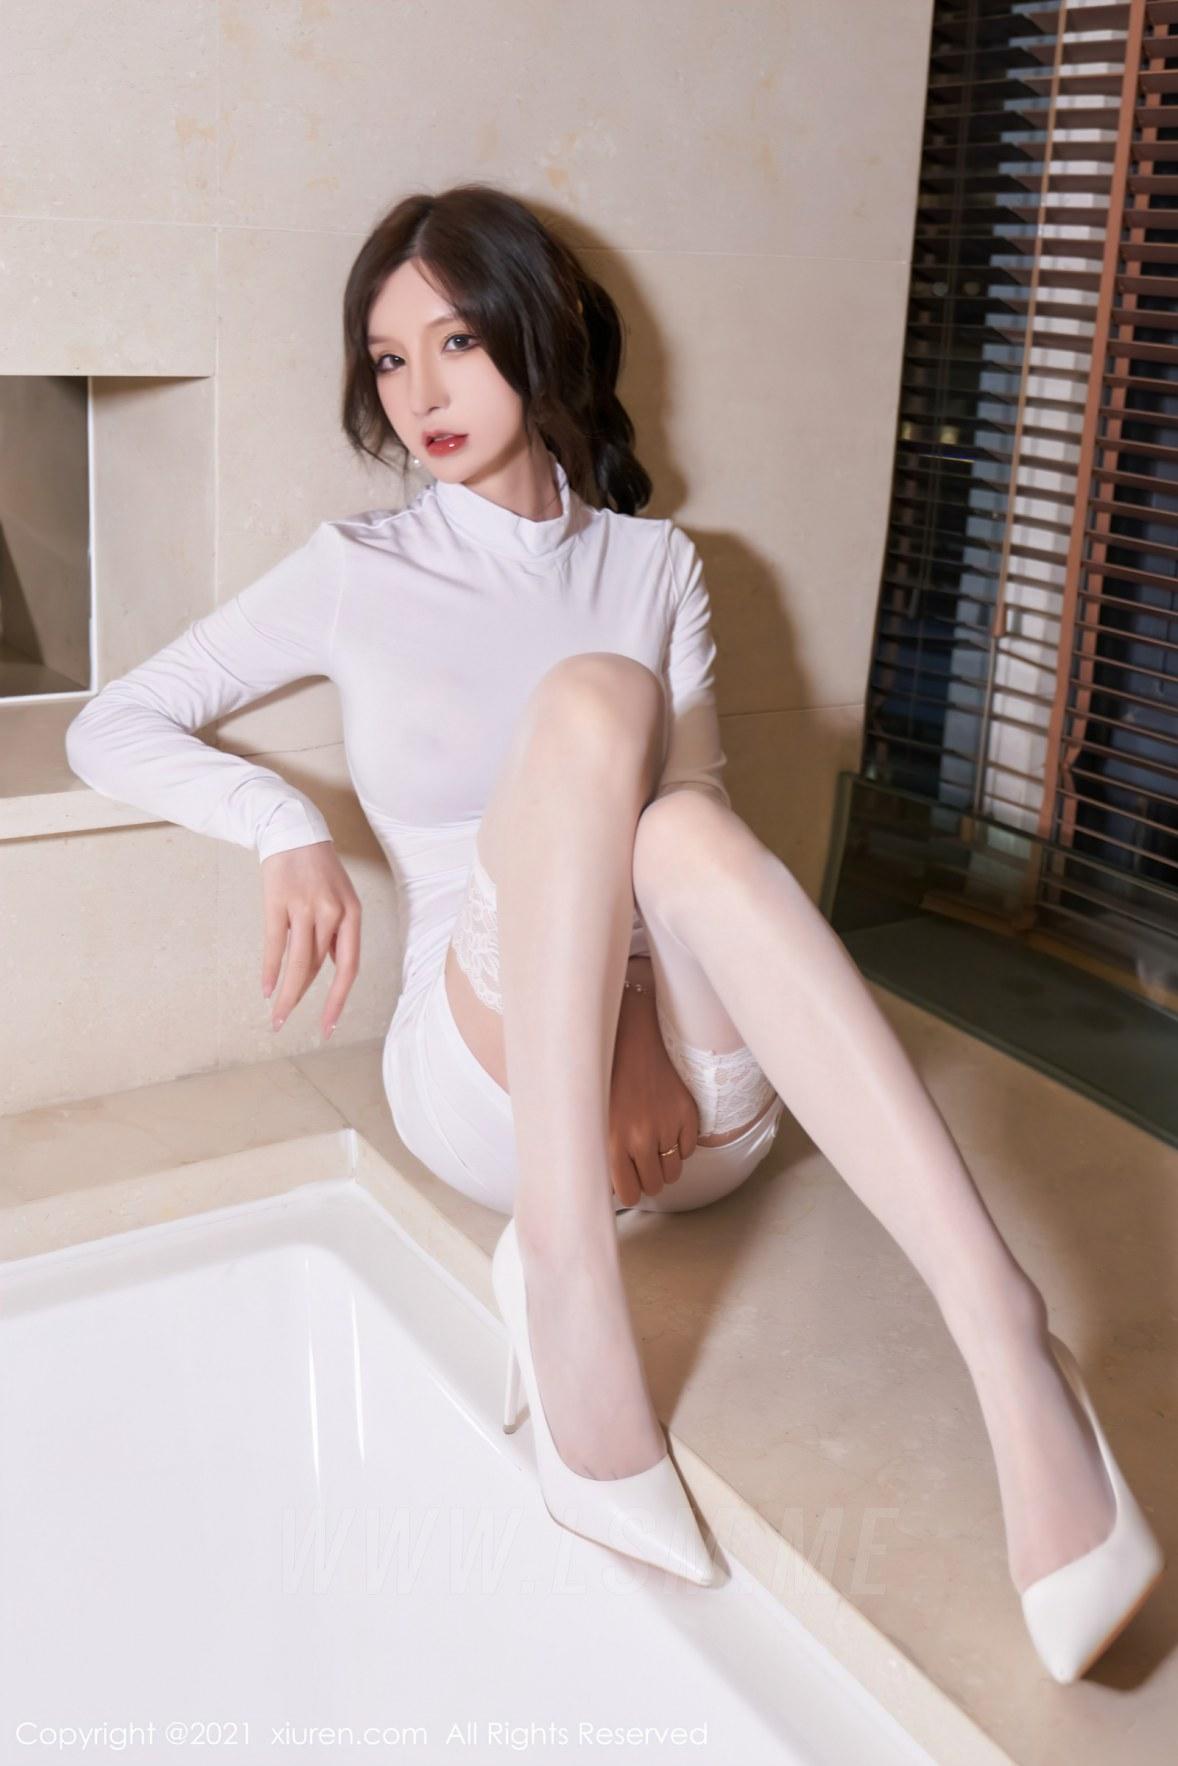 3680 030 p0c 3603 5400 - XiuRen 秀人 No.3680 浴室蕾丝袜 周于希Sandy 性感写真111 - 秀人网 -【免费在线写真】【丽人丝语】